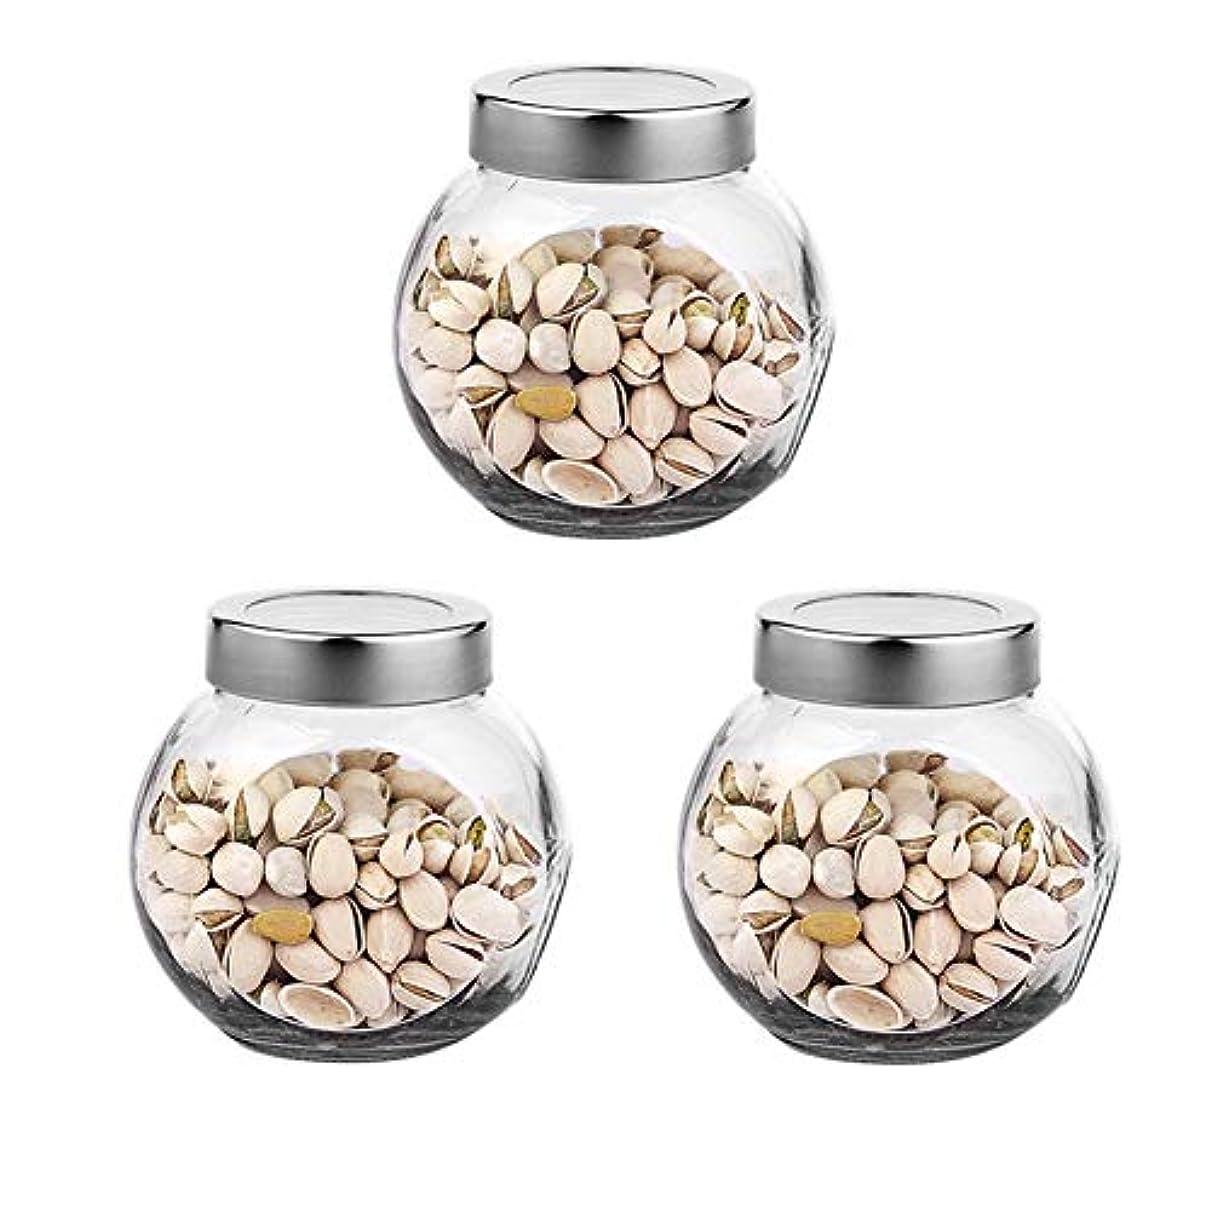 3つの透明ガラス貯蔵容器茶/季節密封缶の貯蔵瓶パック(650 ml)